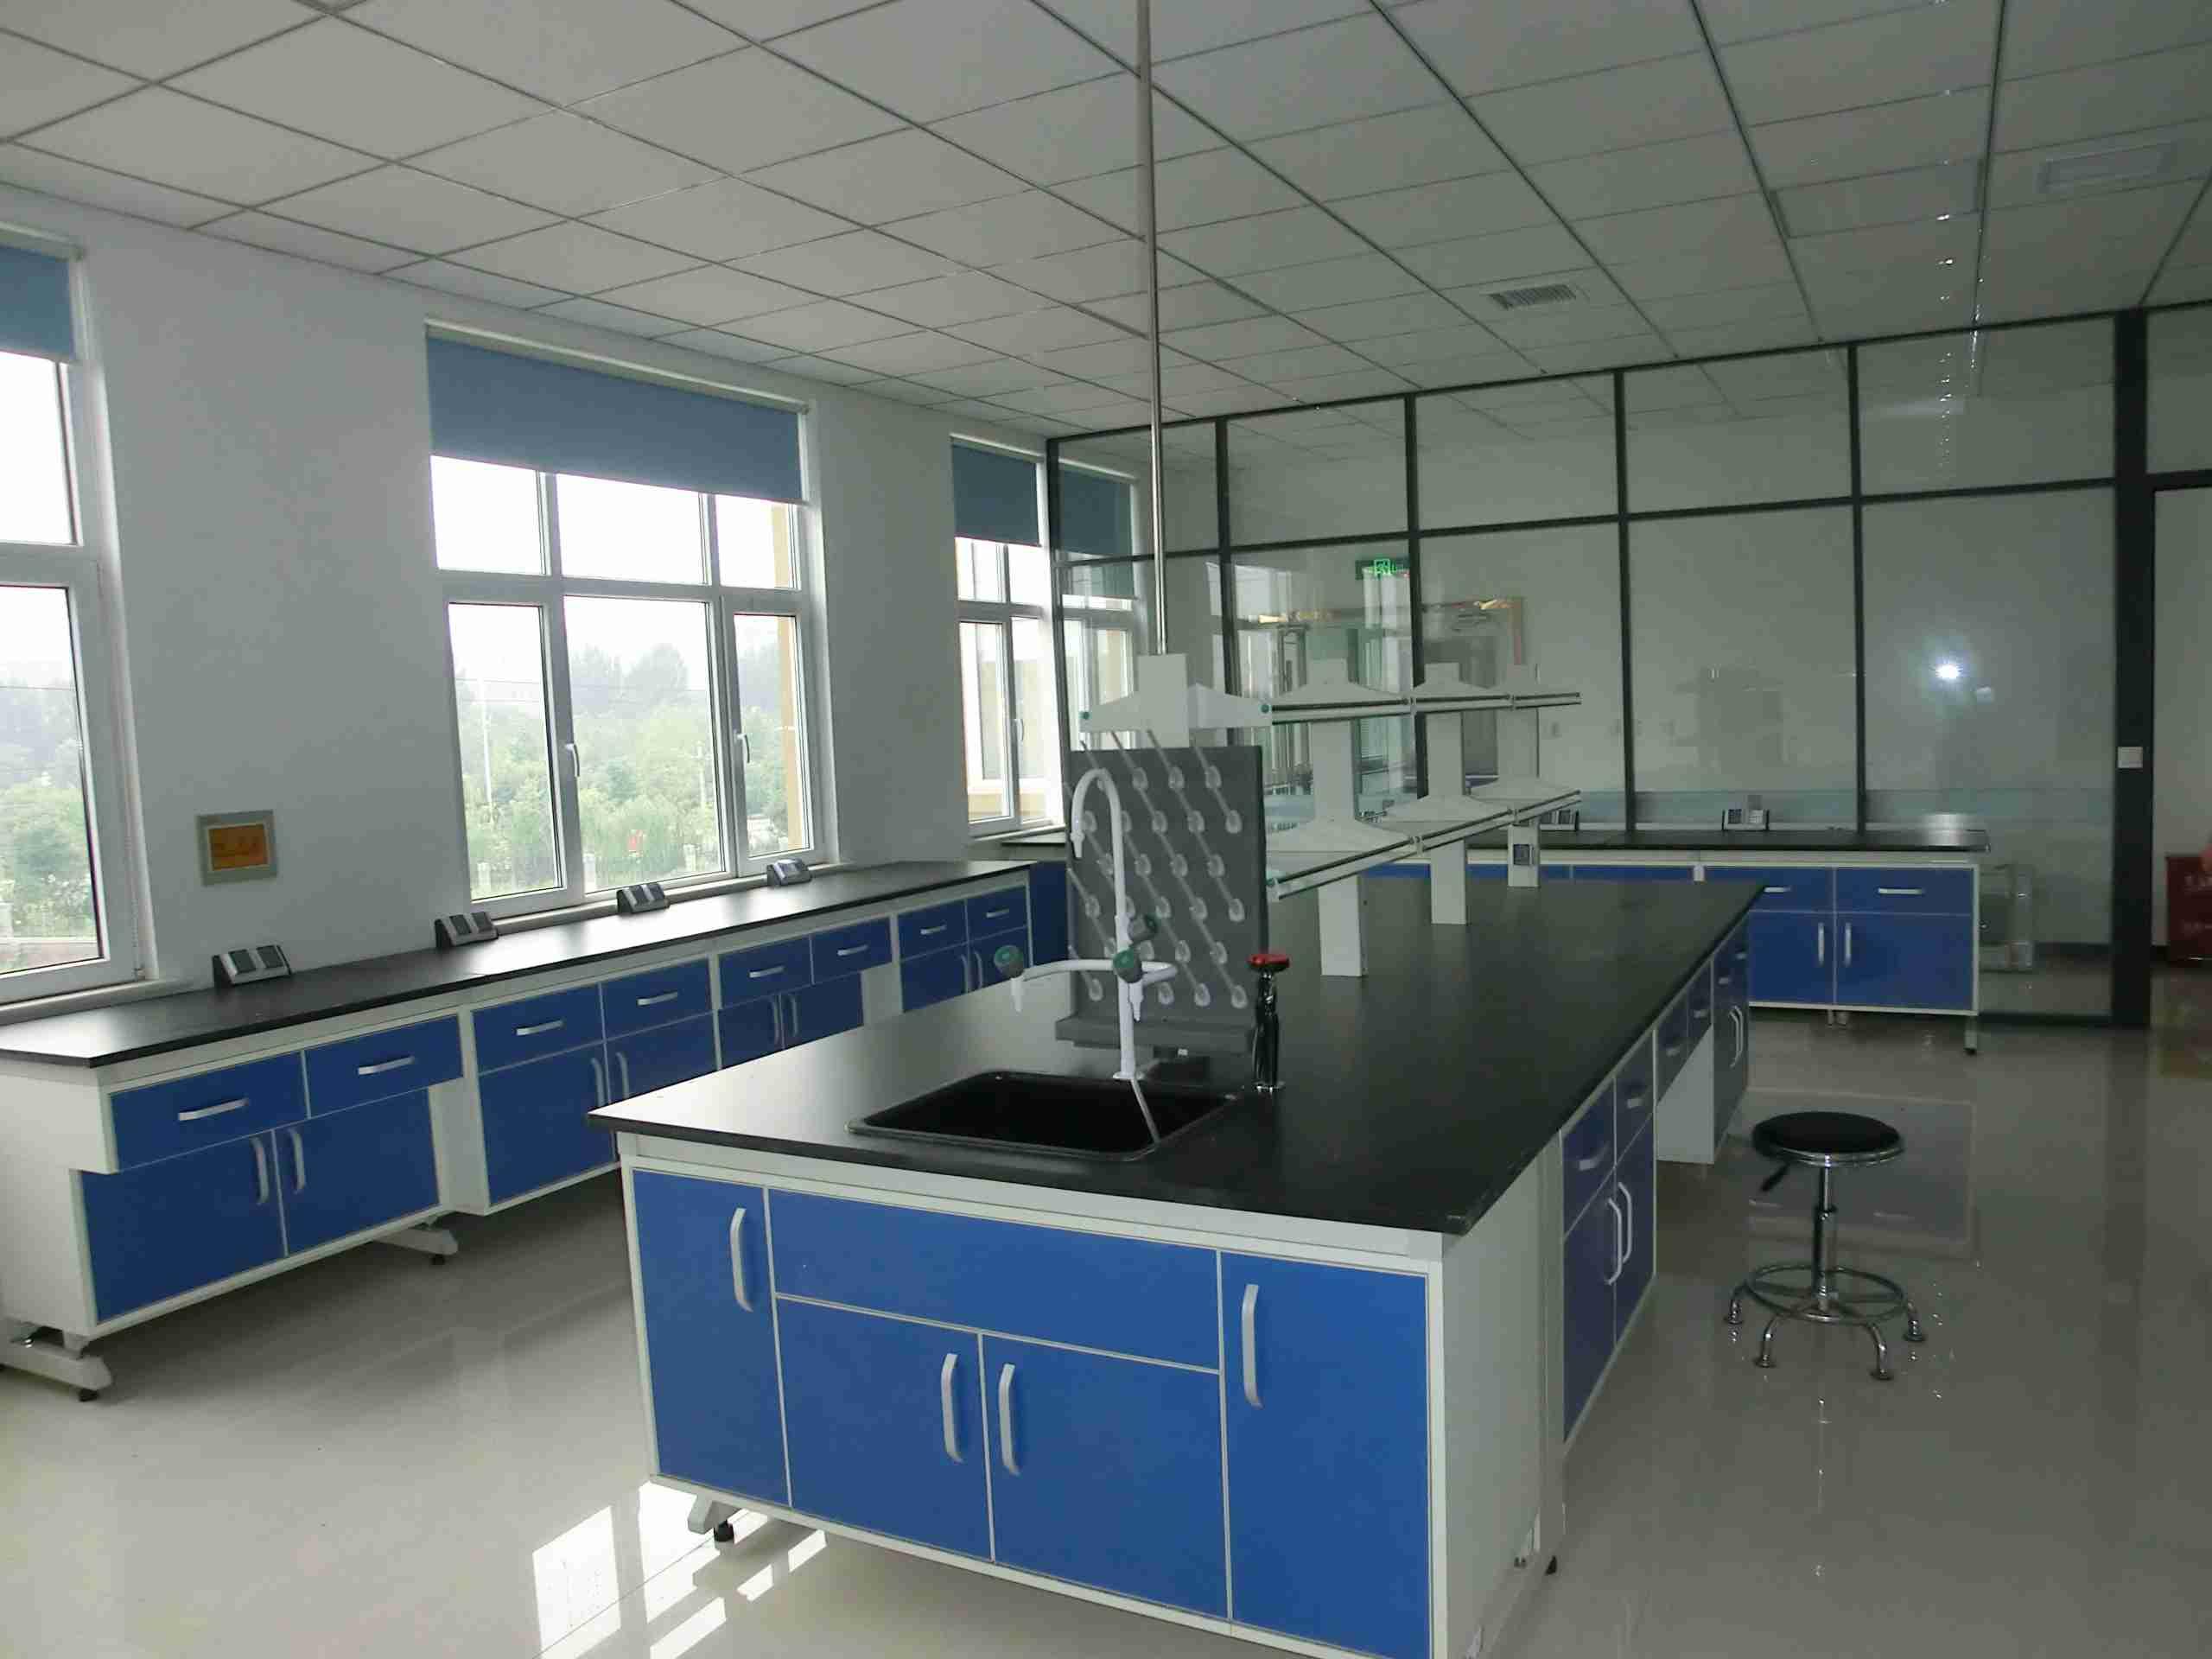 浦安检测技术有限公司-实验室项目